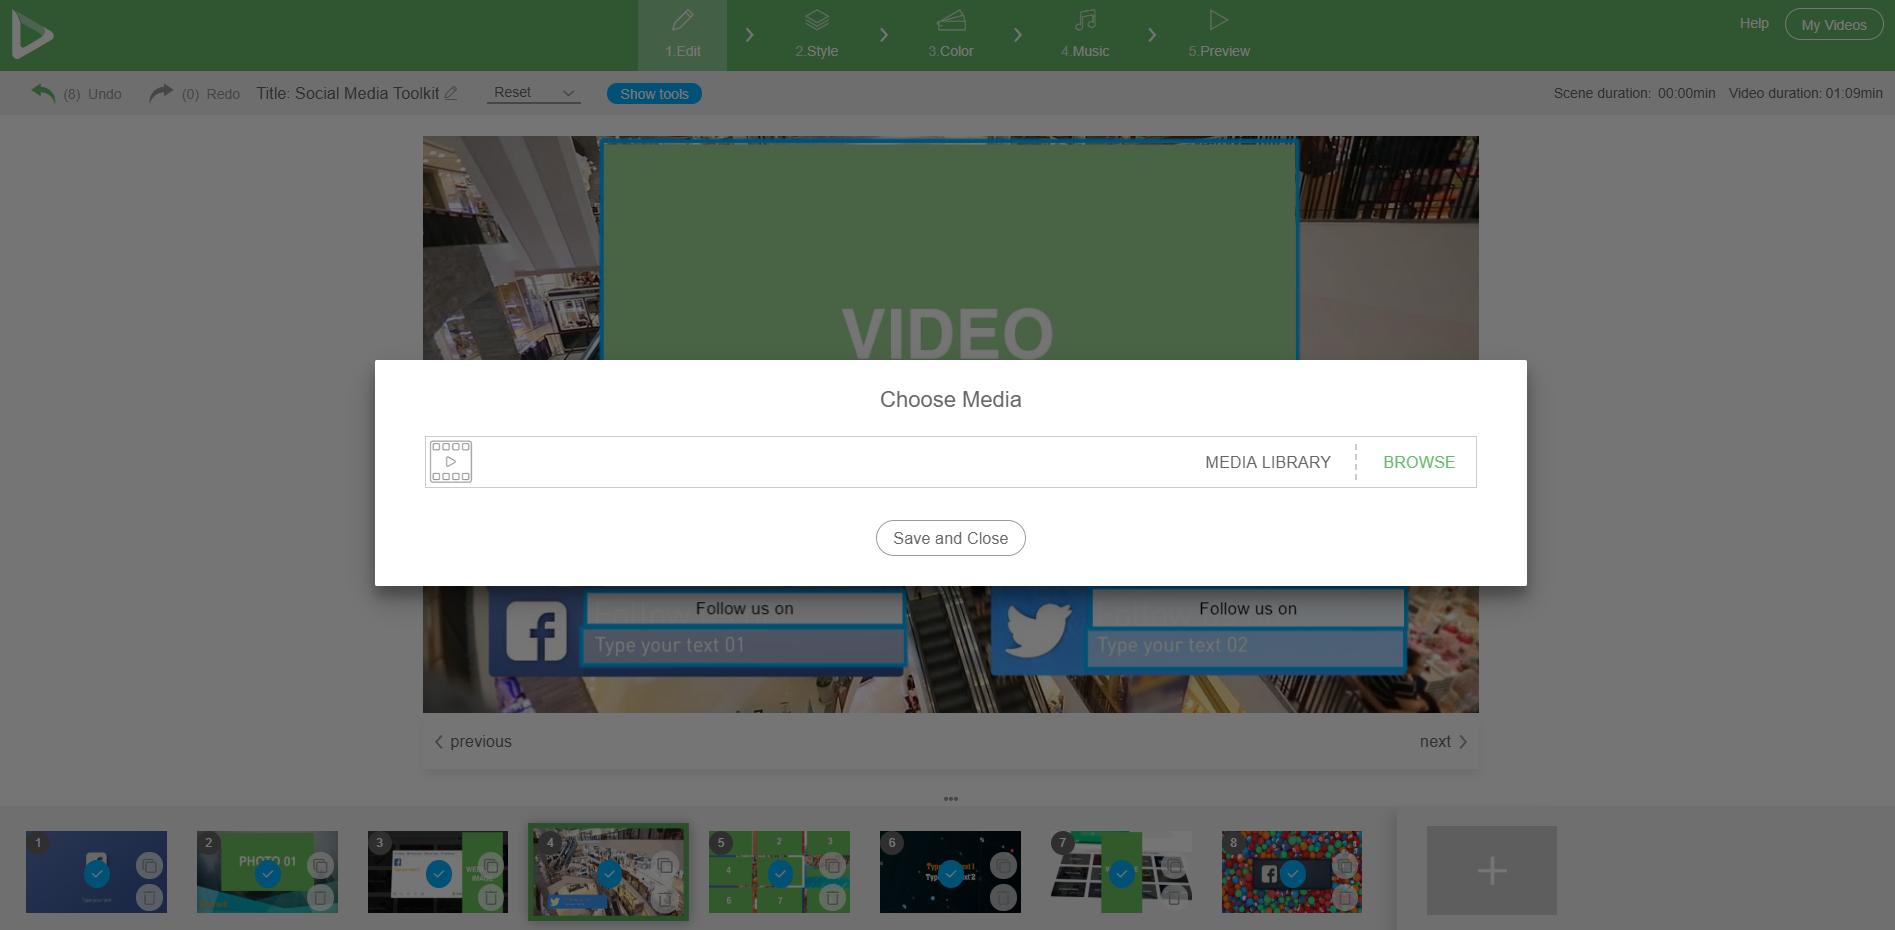 Social Media Toolkit - Stock Videos